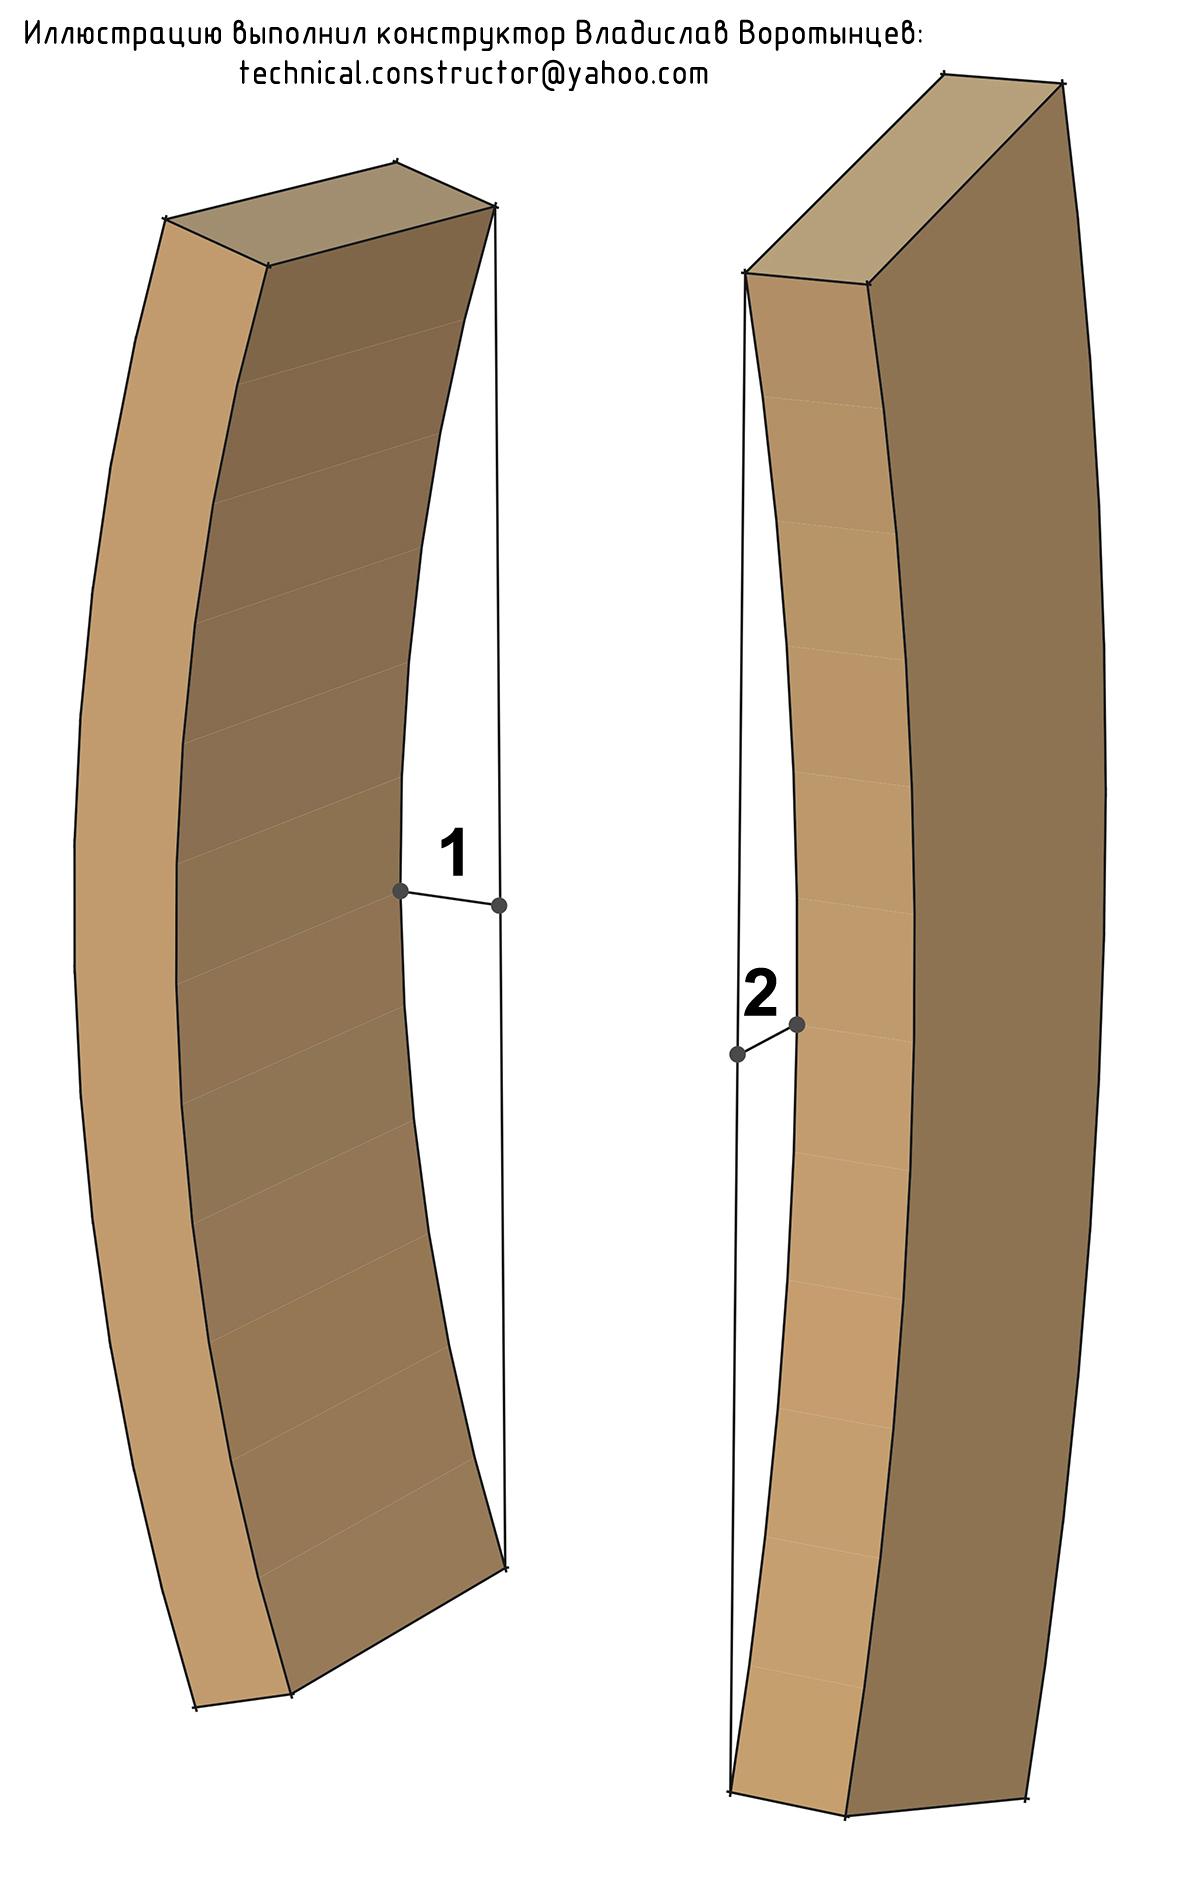 Рис. 9.4 Продольная покоробленность по пласти и по кромке. Требование к качеству пиломатериалов для строительства деревянной каркасной стены по норвежской технологии